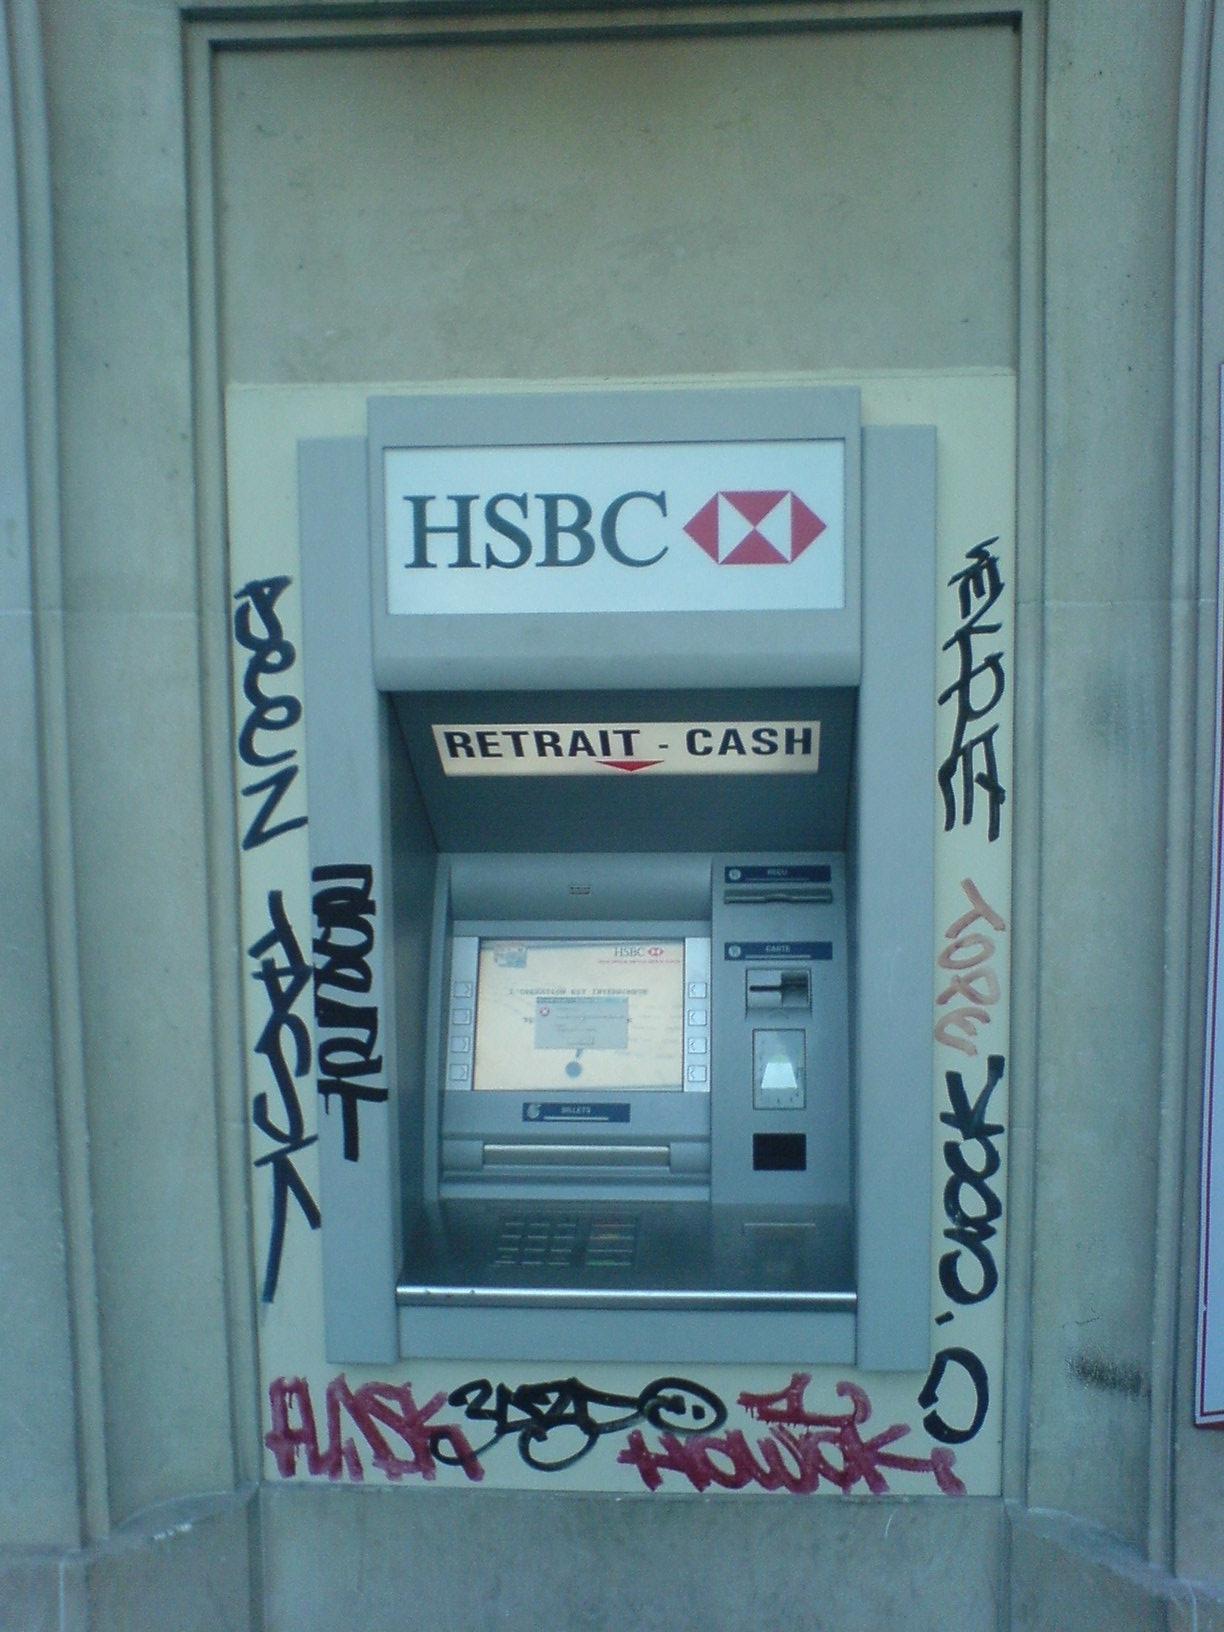 runtime_error_HSBC_Paris_2006_11_21_8h30_1